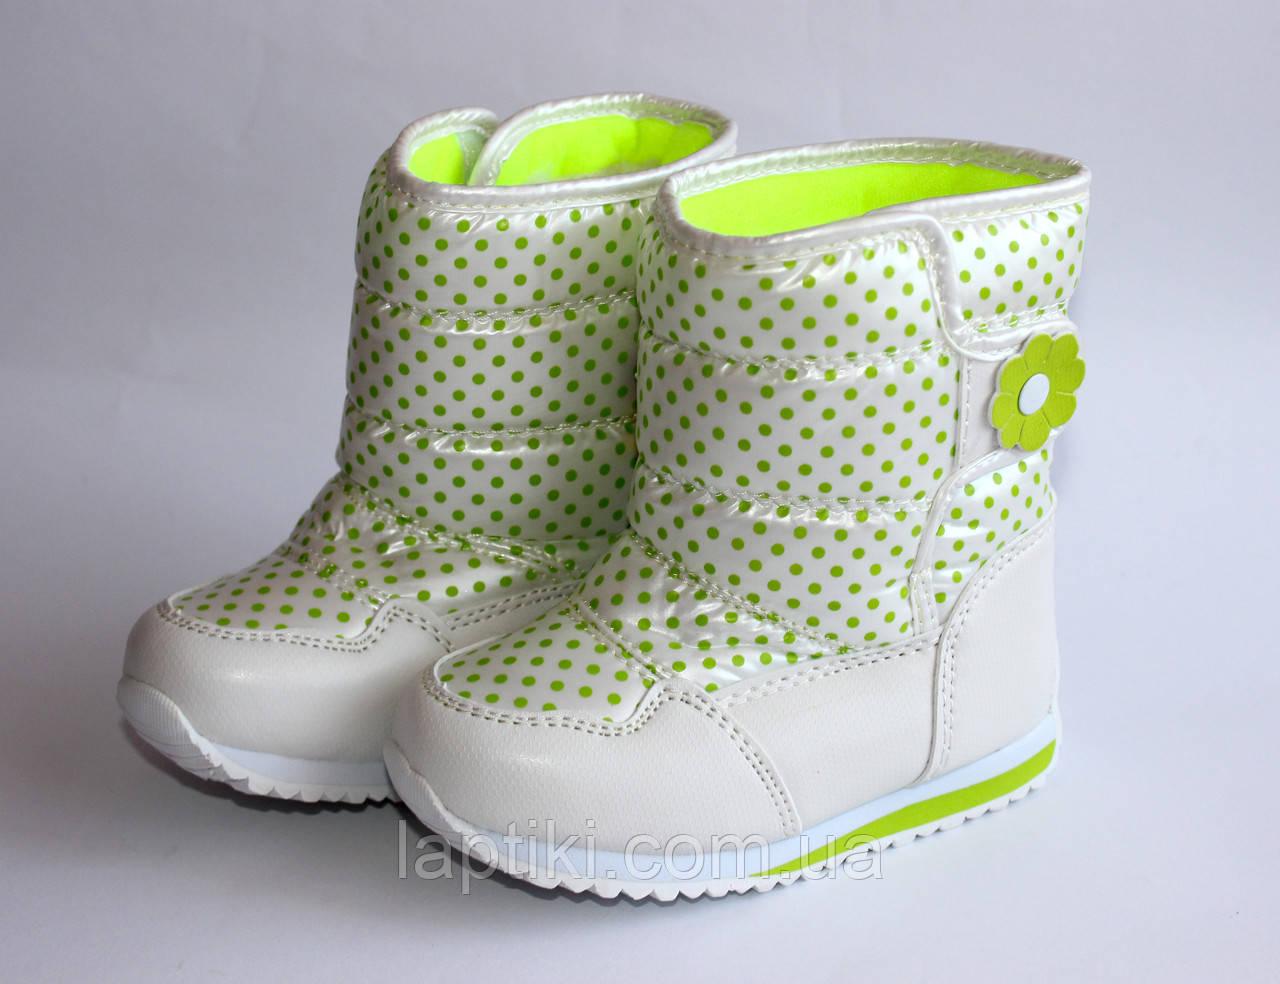 Дитячі зимові чобітки - дутики Тому.м для дівчаток - в наявності